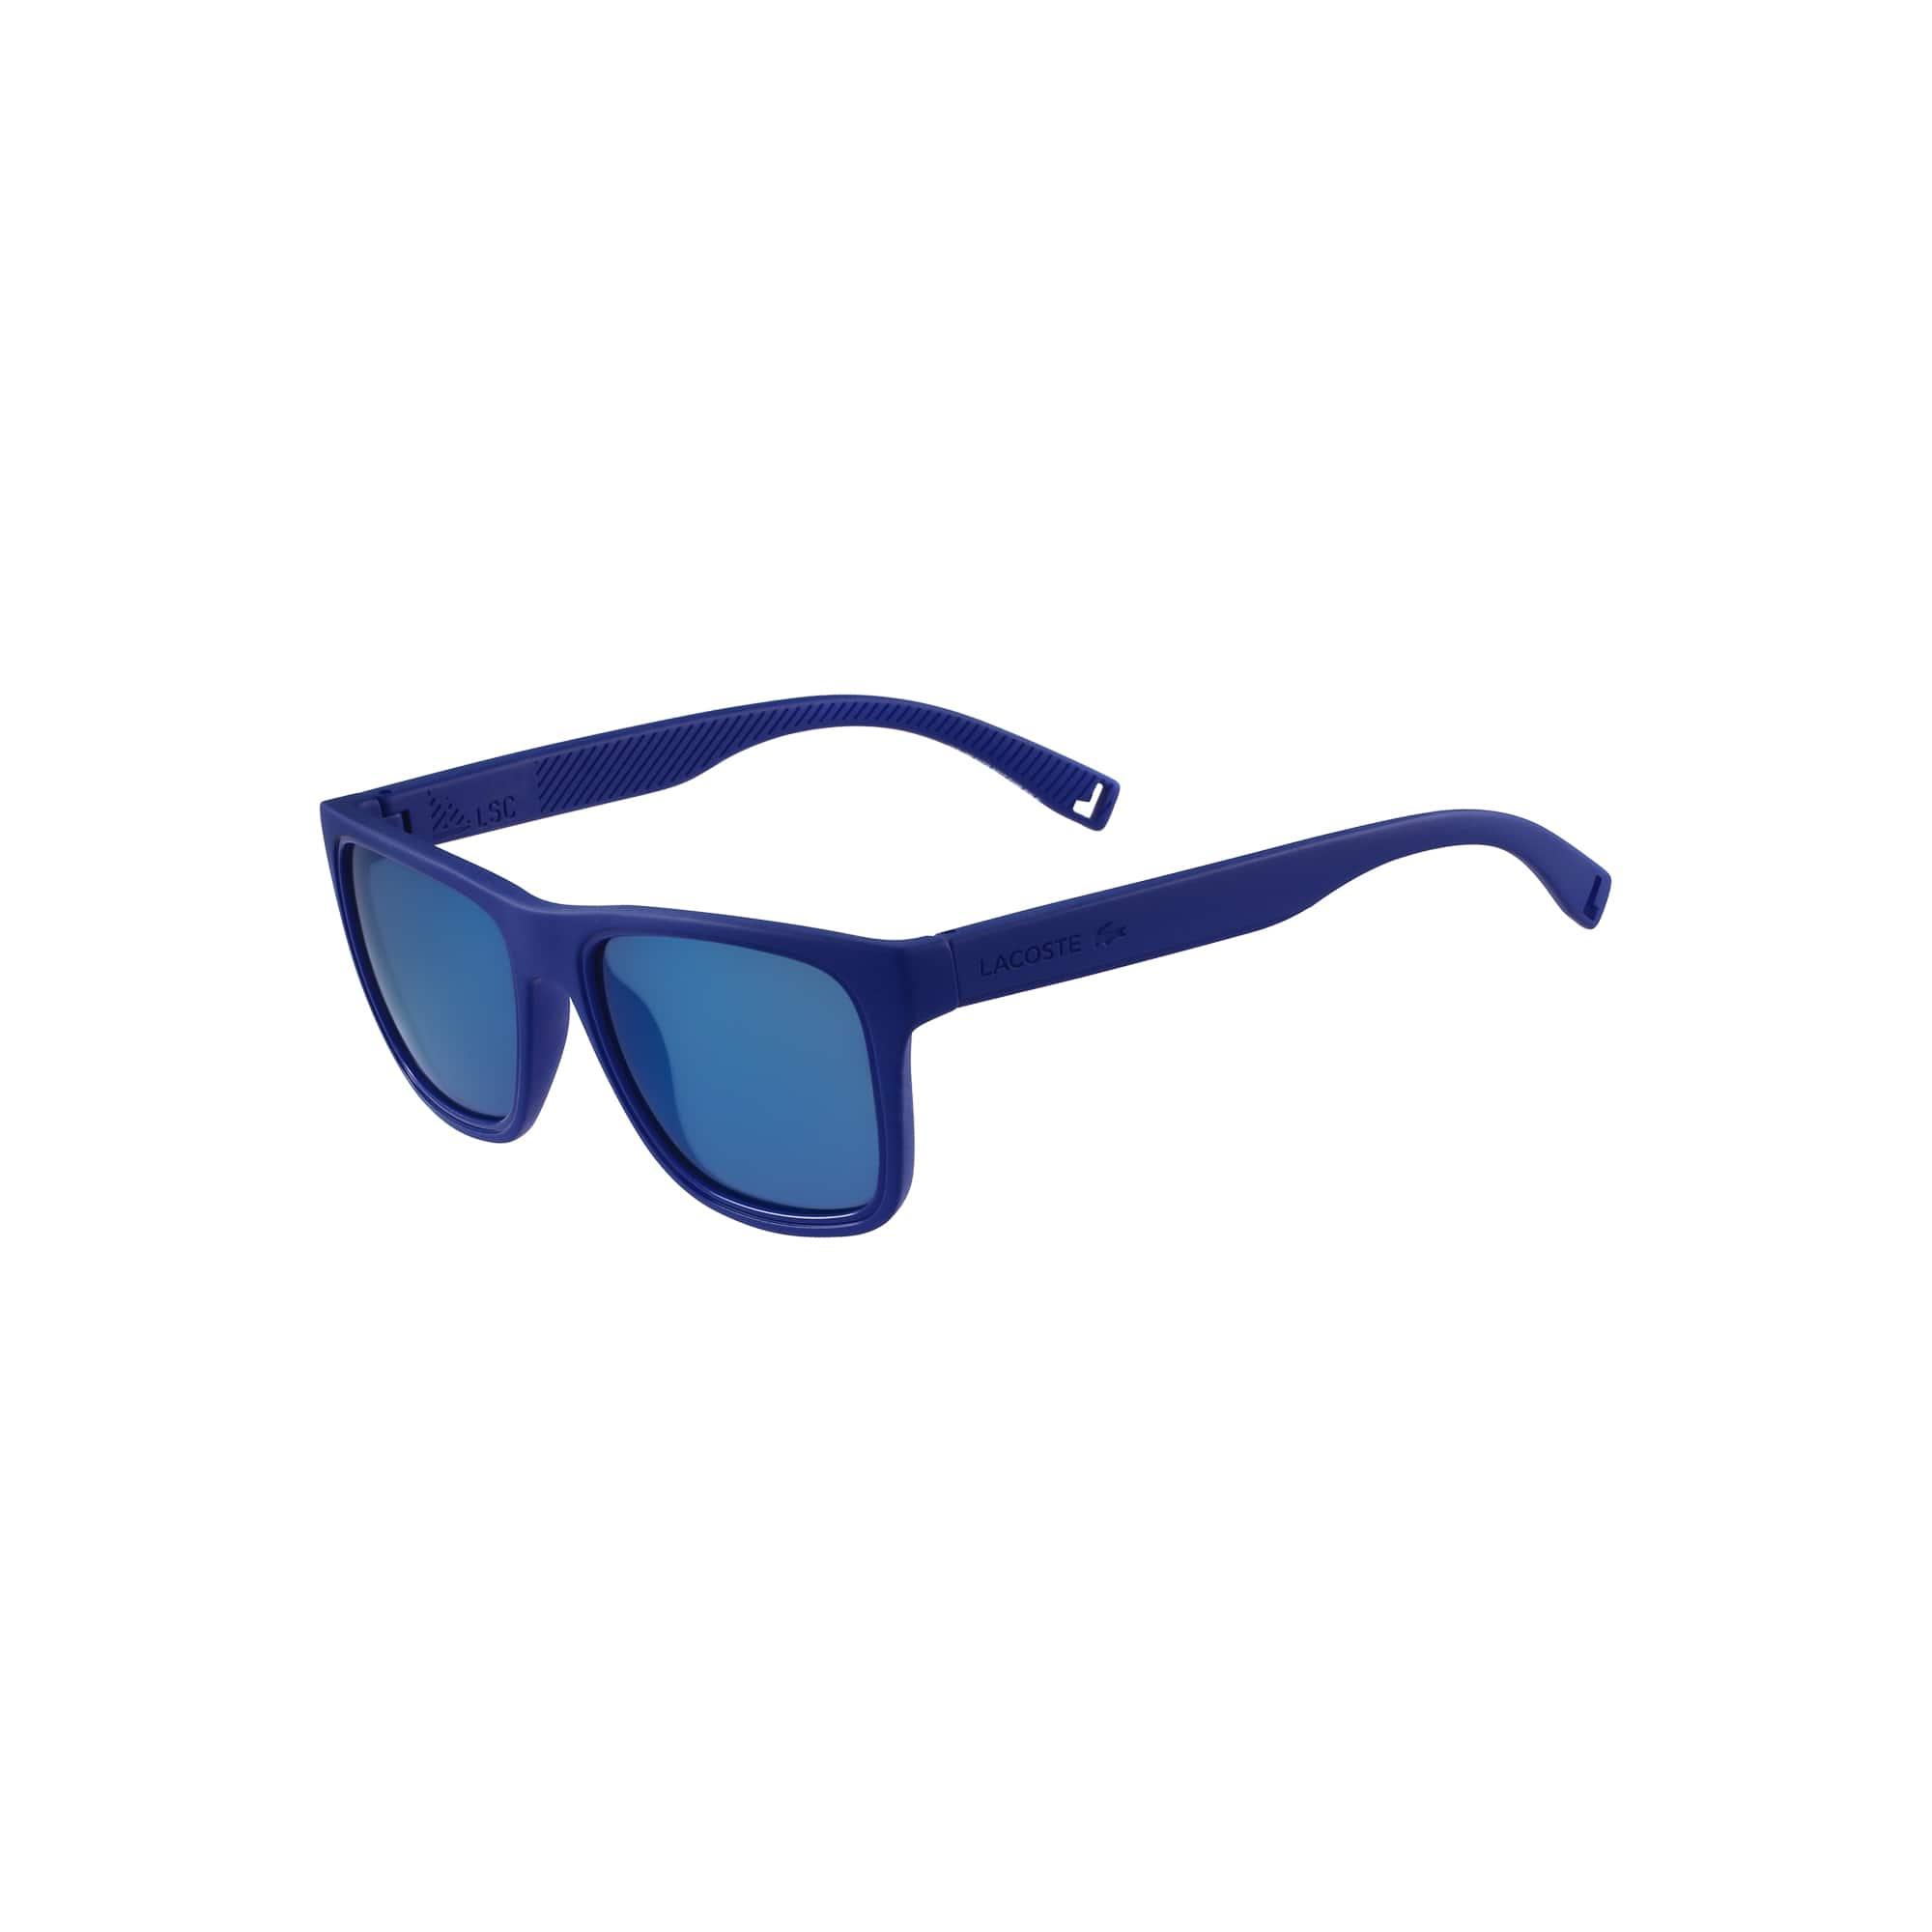 Herren-Schwimmfähige Colorblock-Sonnenbrille